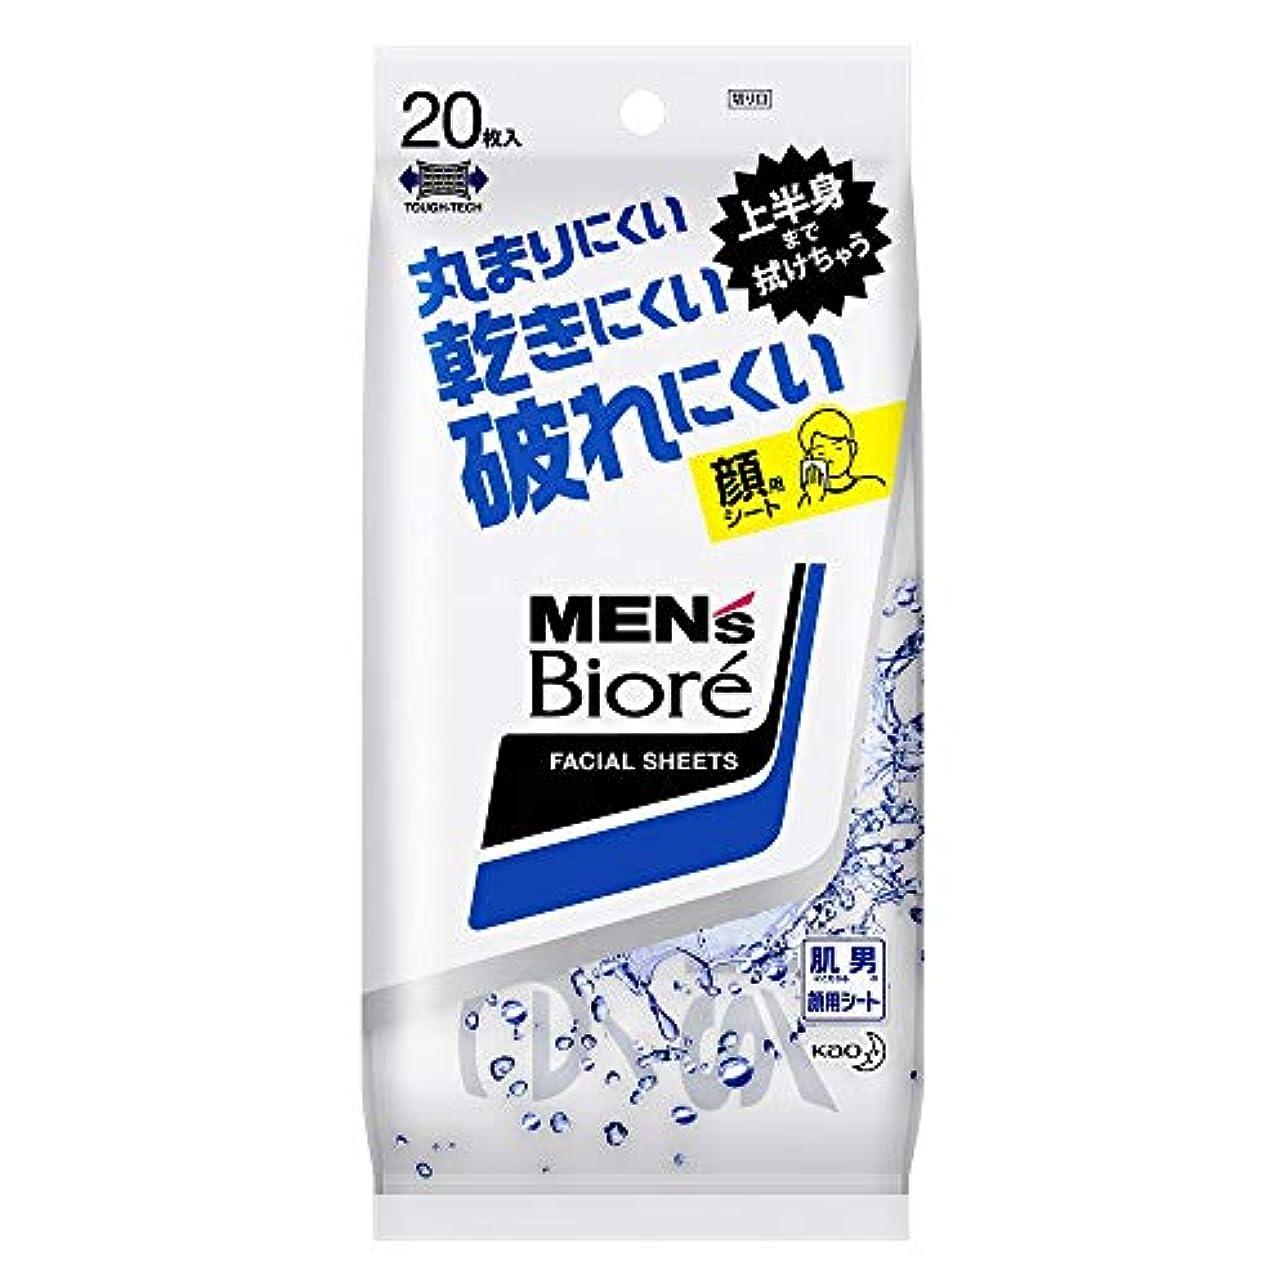 レッドデート規範避難花王 メンズビオレ 洗顔シート 携帯用 20枚